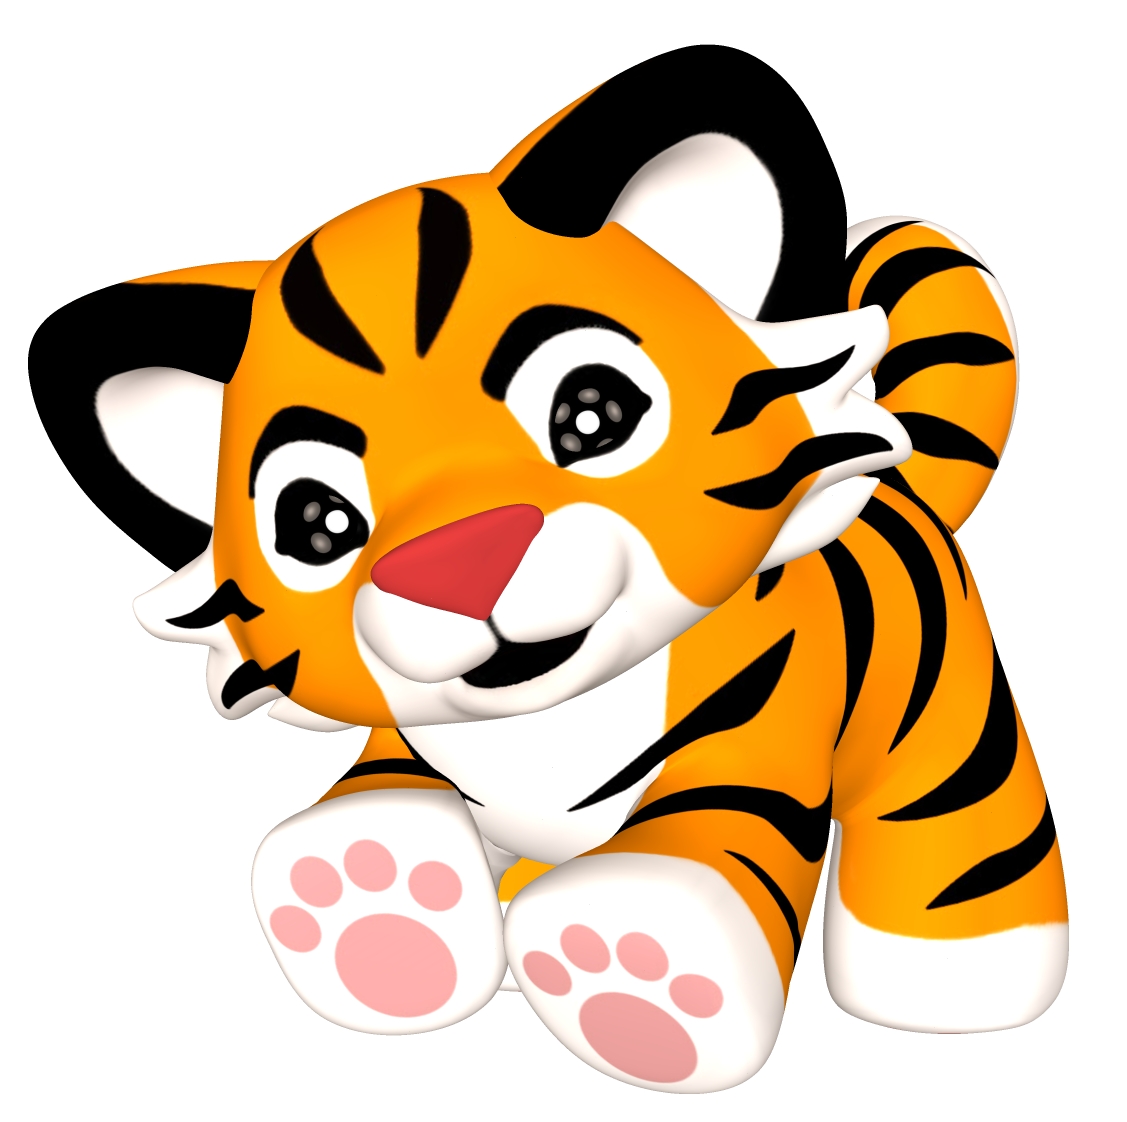 1127x1122 Tiger Clip Art Animals Wild Cats 3 Clipart Png